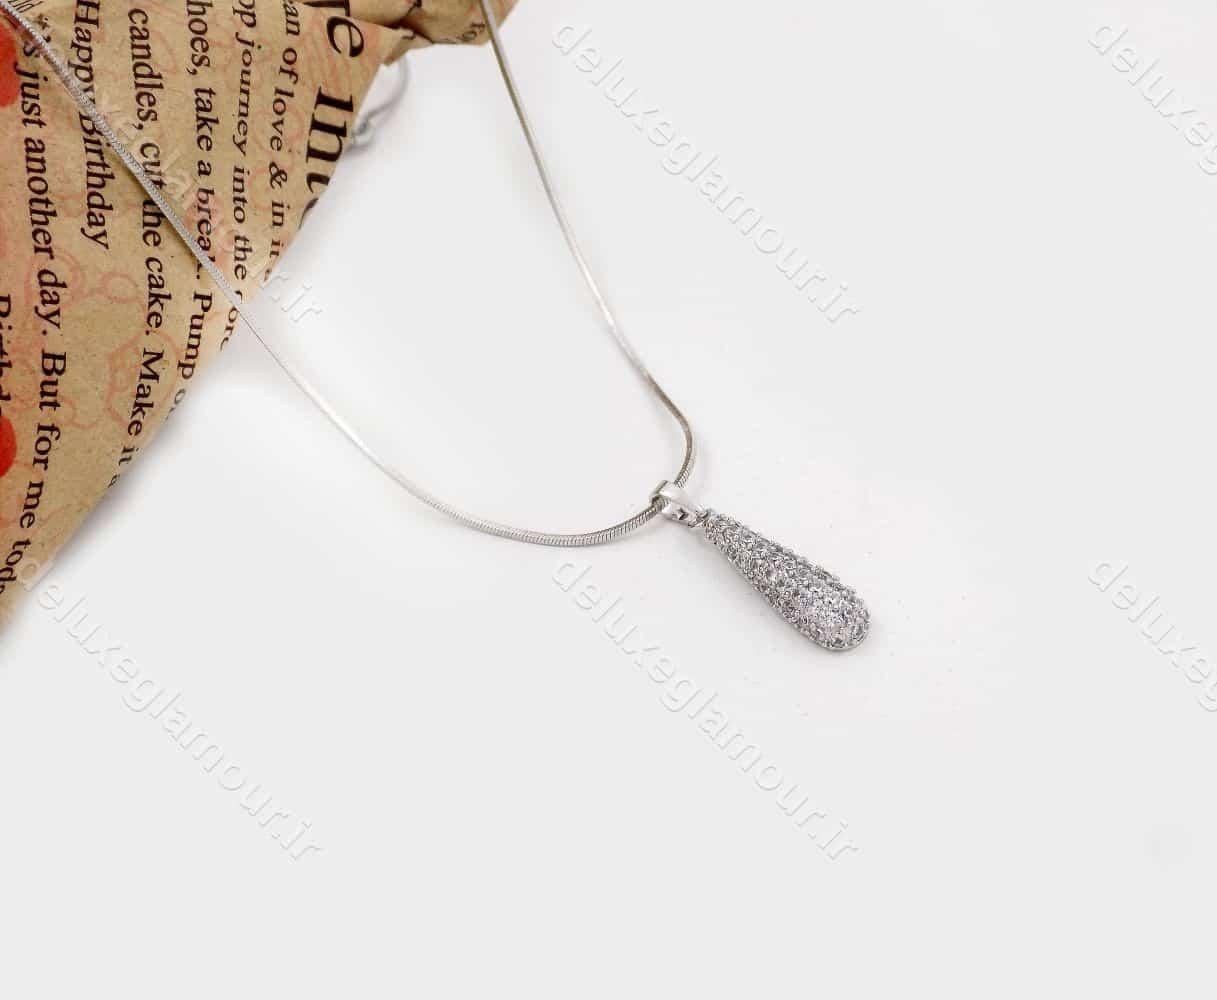 گردنبند دخترانه ژوپینگ با نگین زیرکونیا و روکش رادیوم nw-n151 از نمای دور